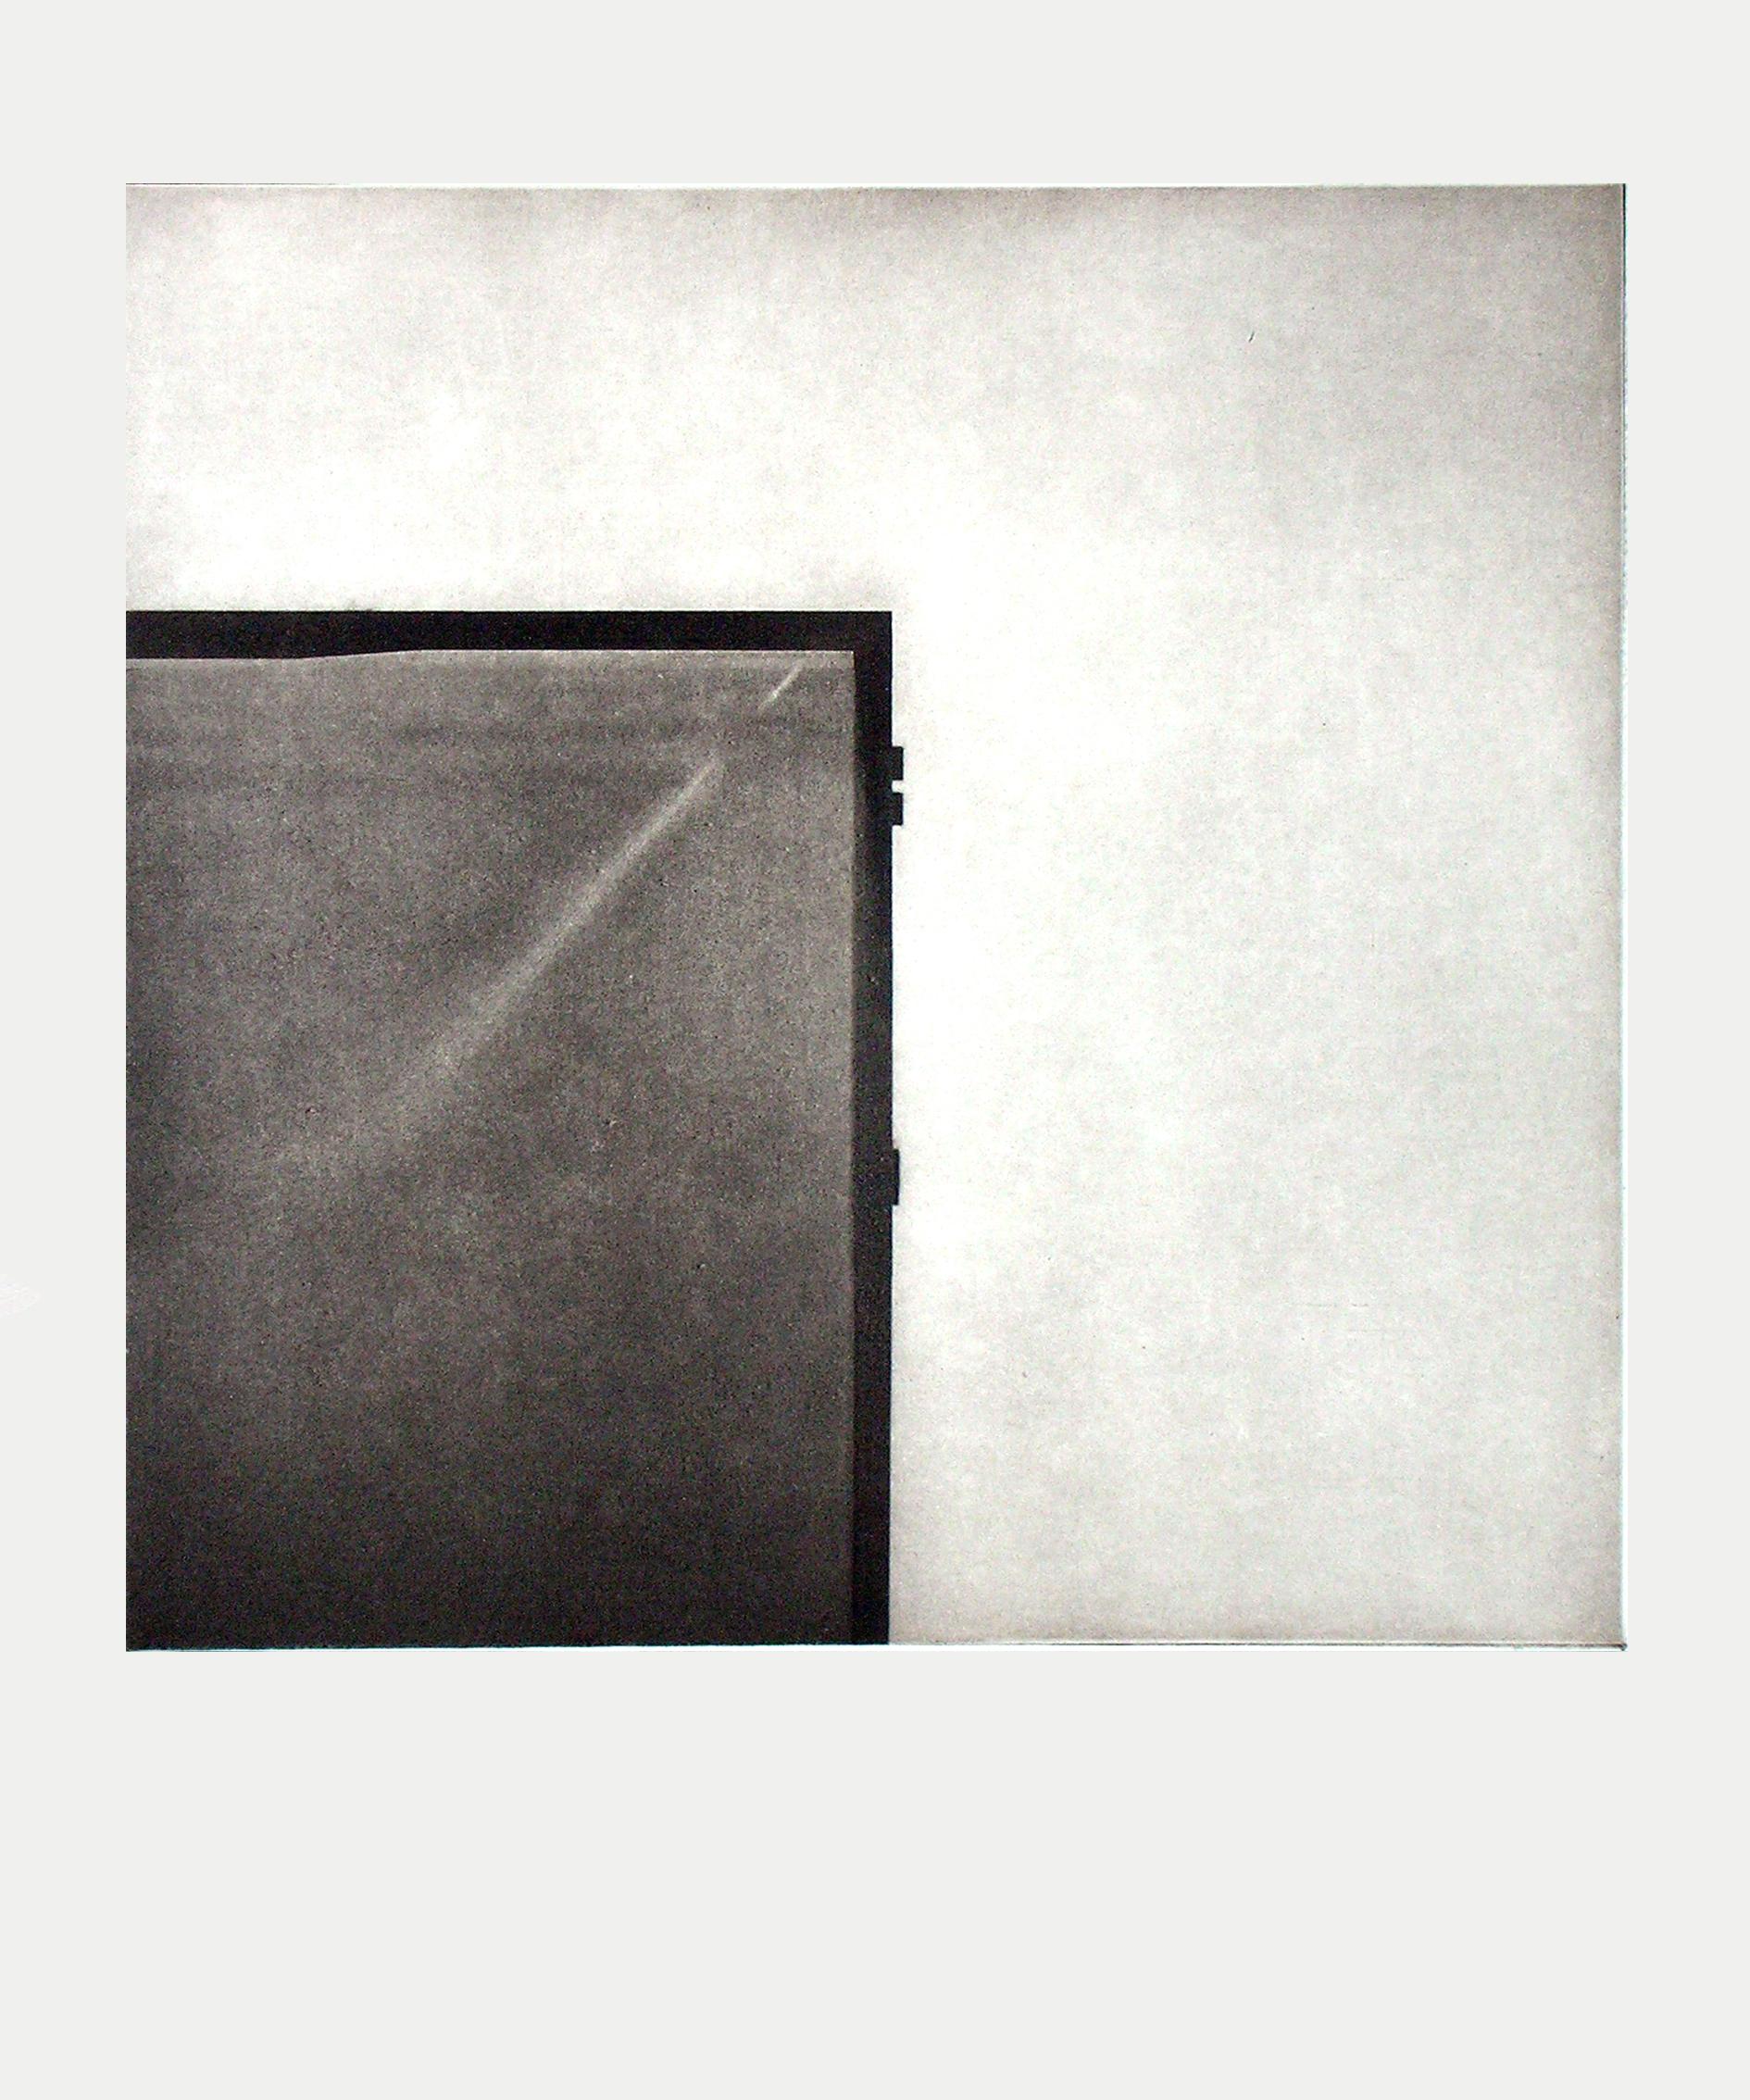 Nombres propios (Elisa),  2007